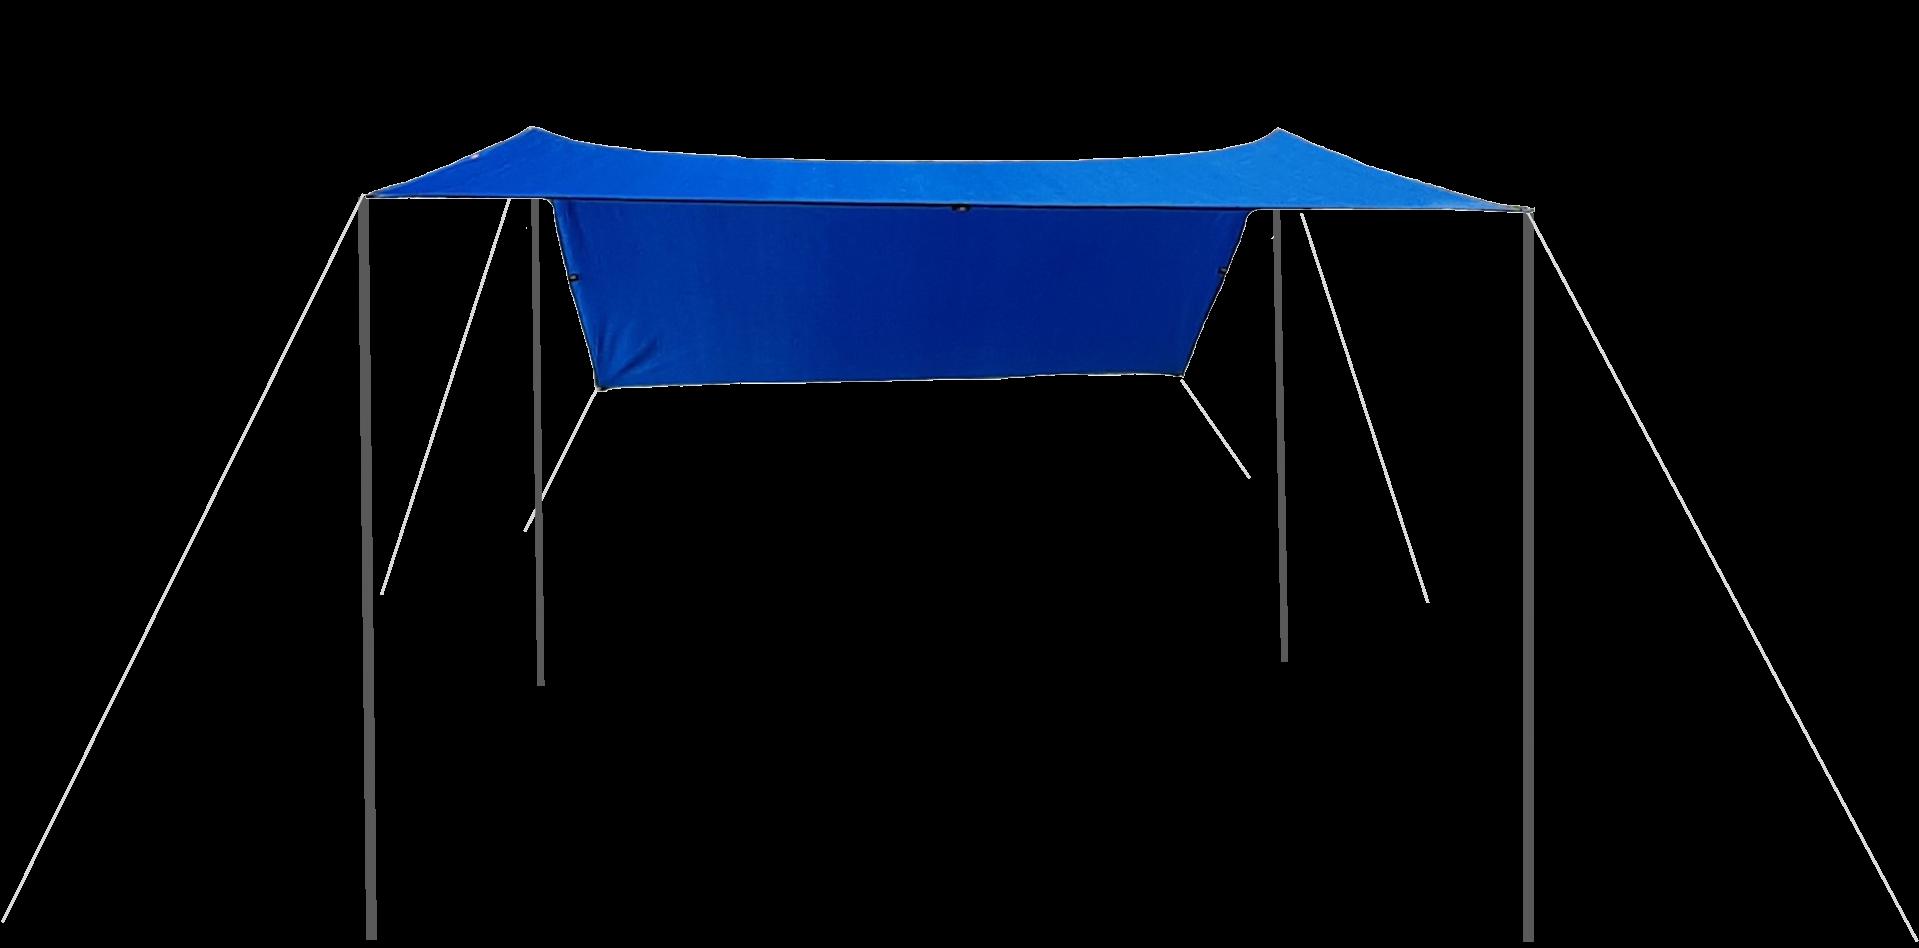 Flexi-Shade Canopy 1